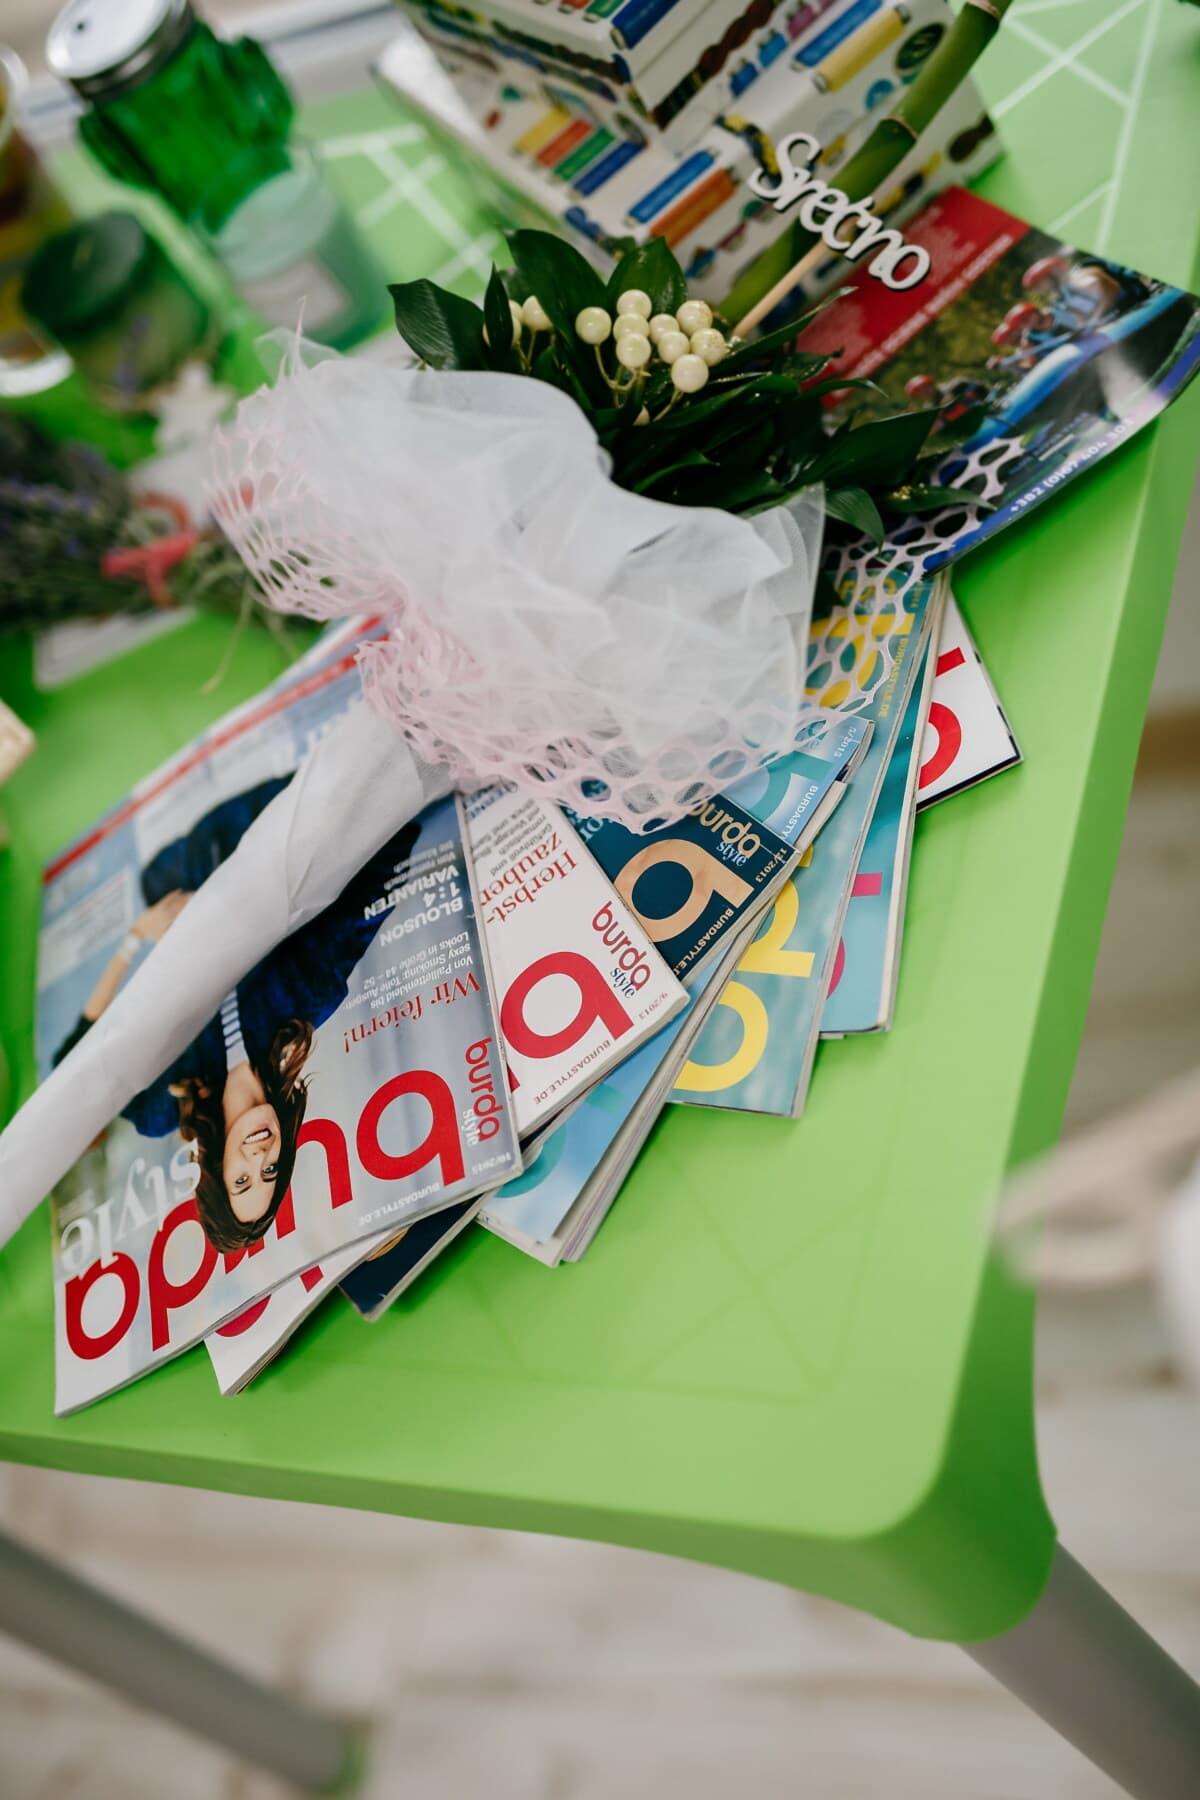 Magazin, News, Zeitung, Blumenstrauß, Zimmer, Schreibtisch, Dekoration, Papier, Farbe, Ecke